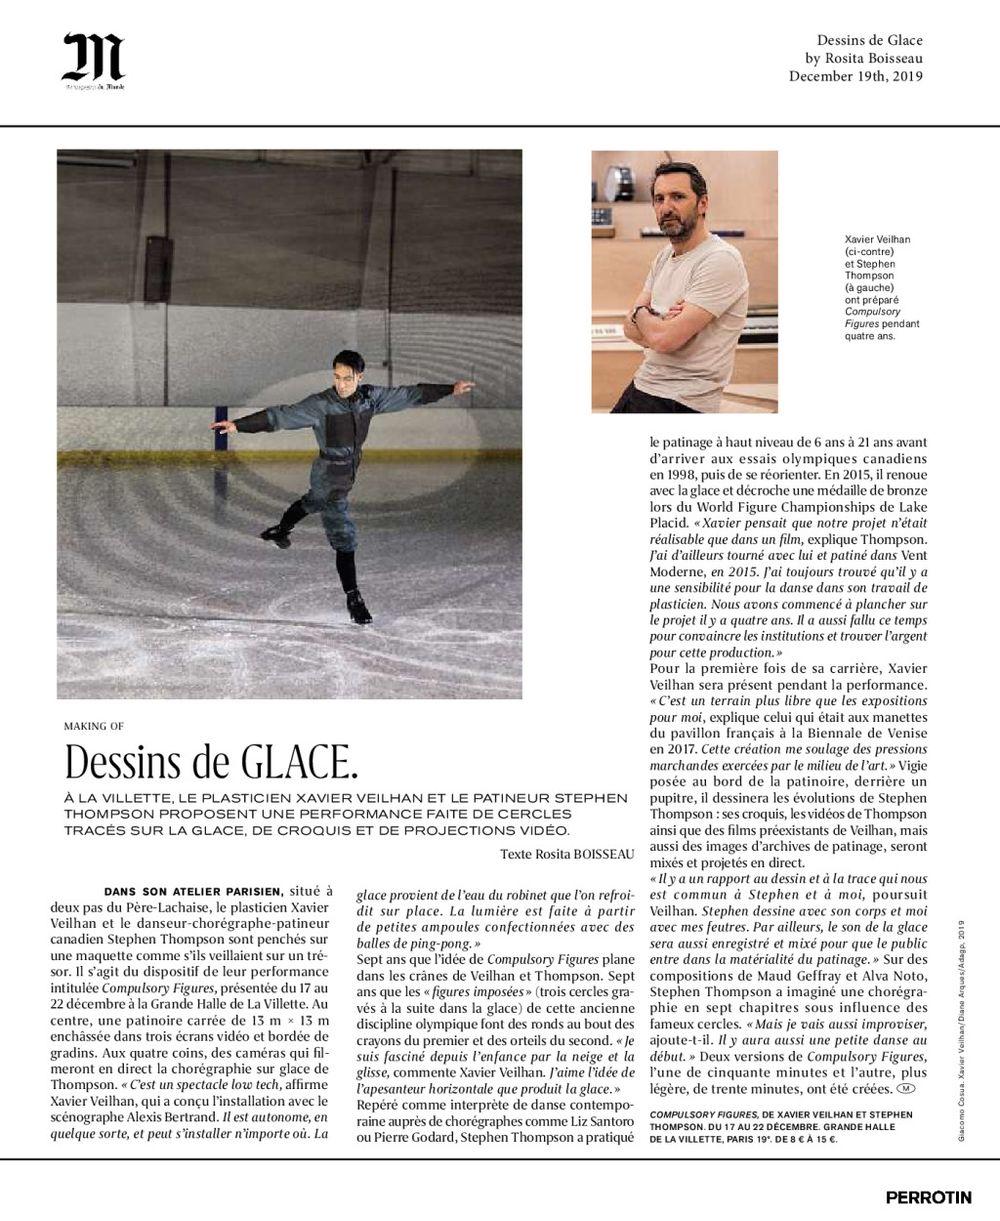 Le Monde   Xavier VEILHAN